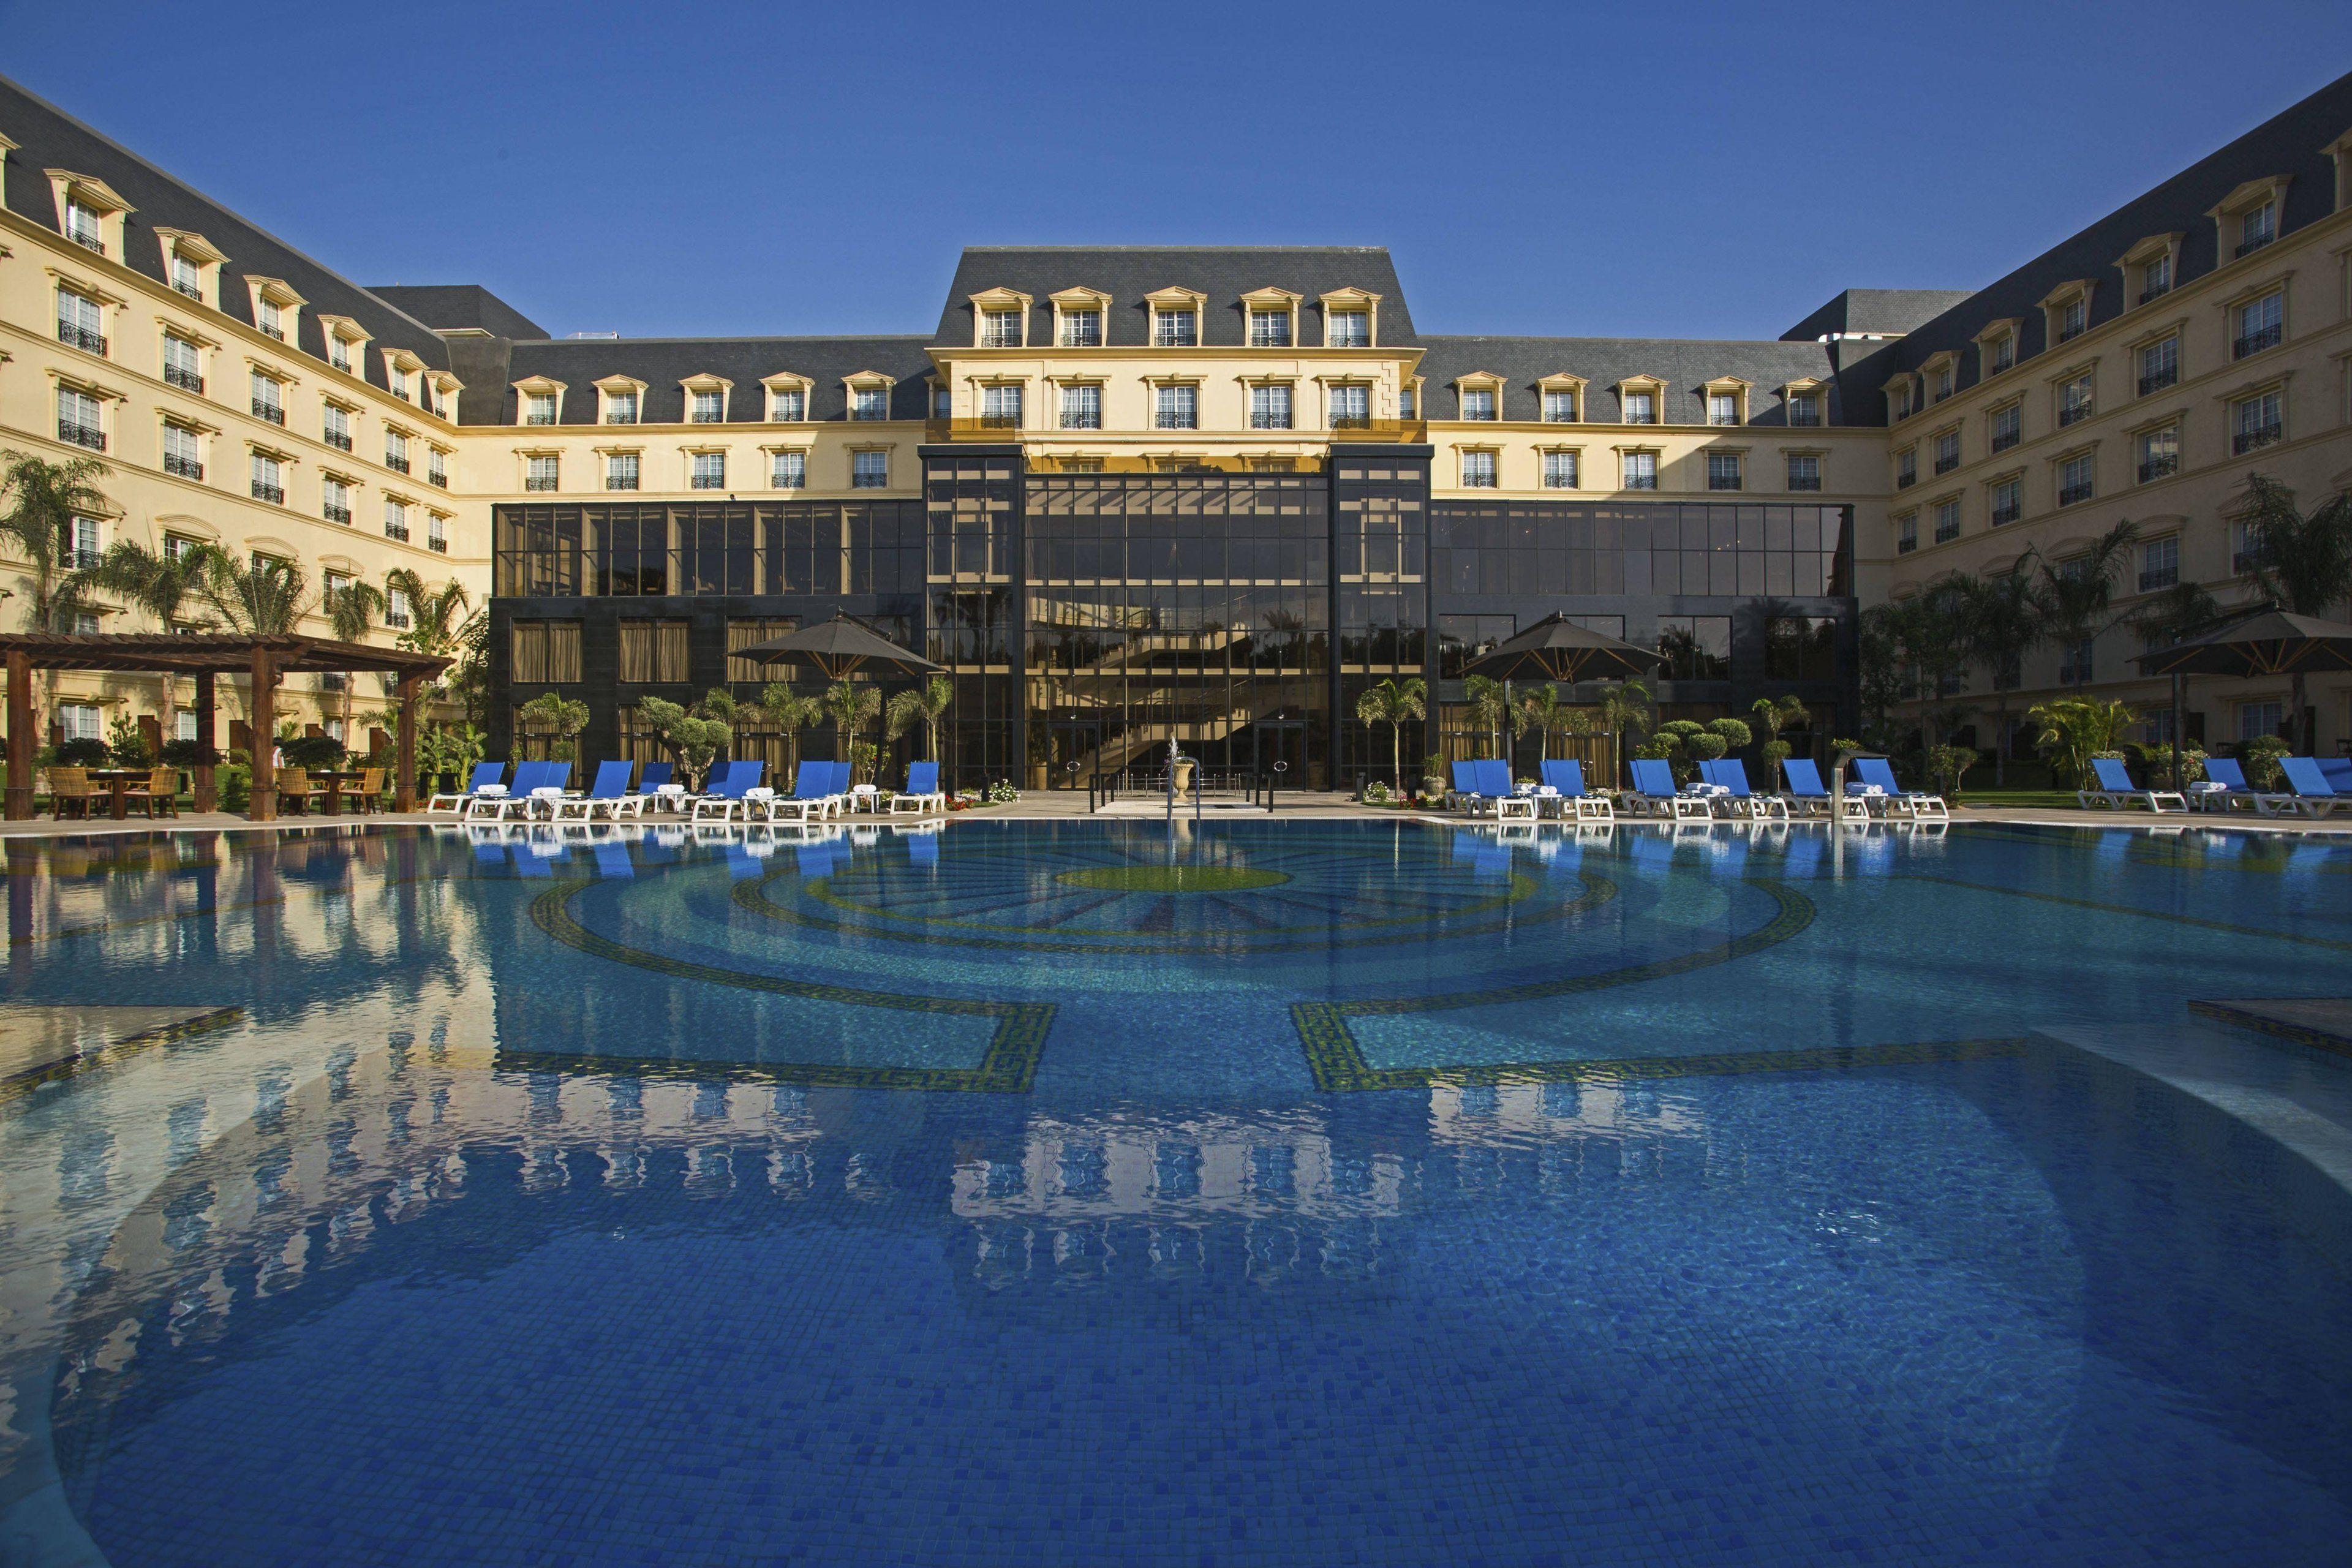 Courtesy of Renaissance Cairo Mirage City Hotel / Expedia